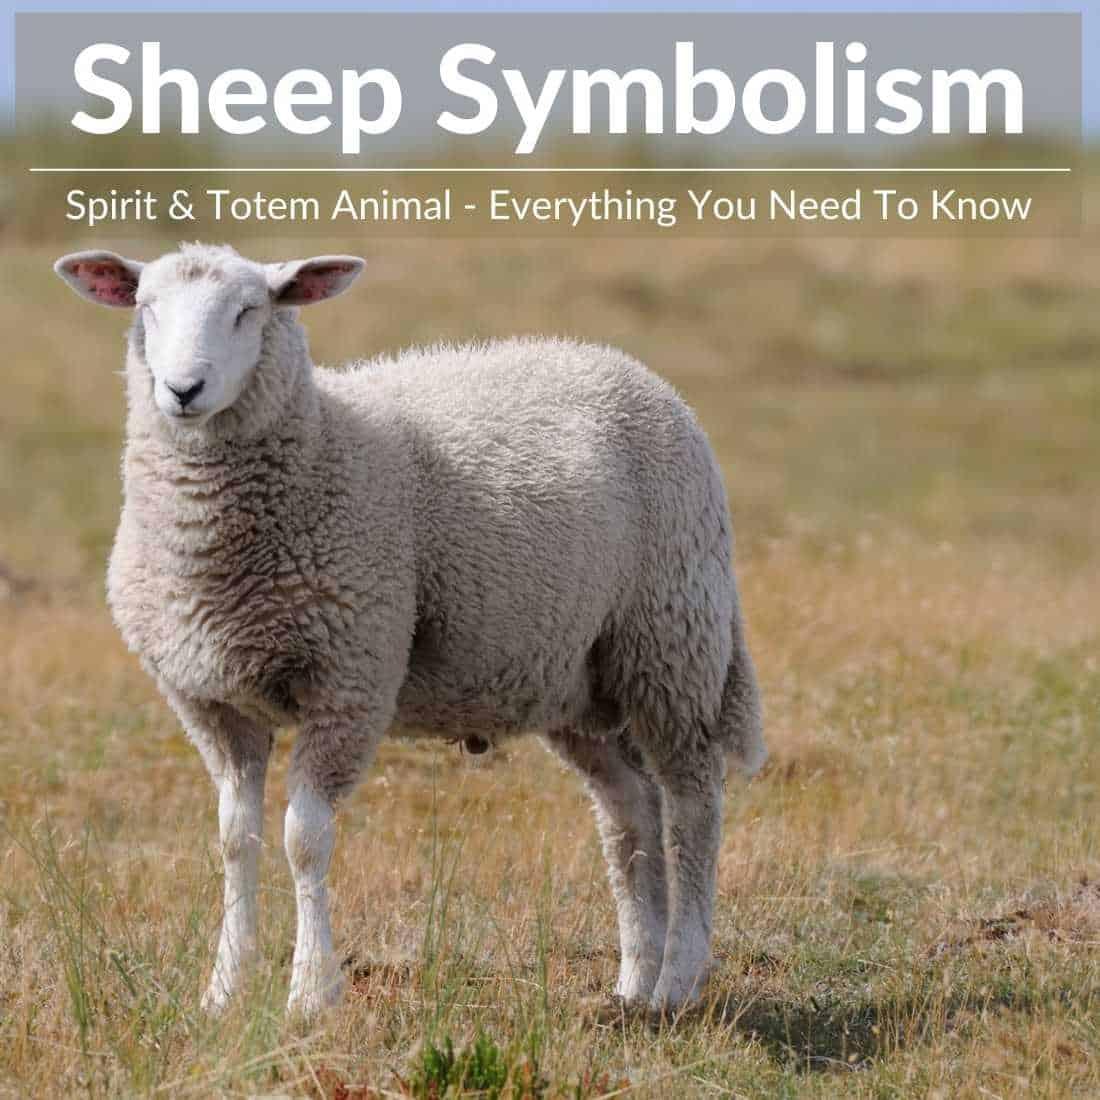 Sheep symbolism